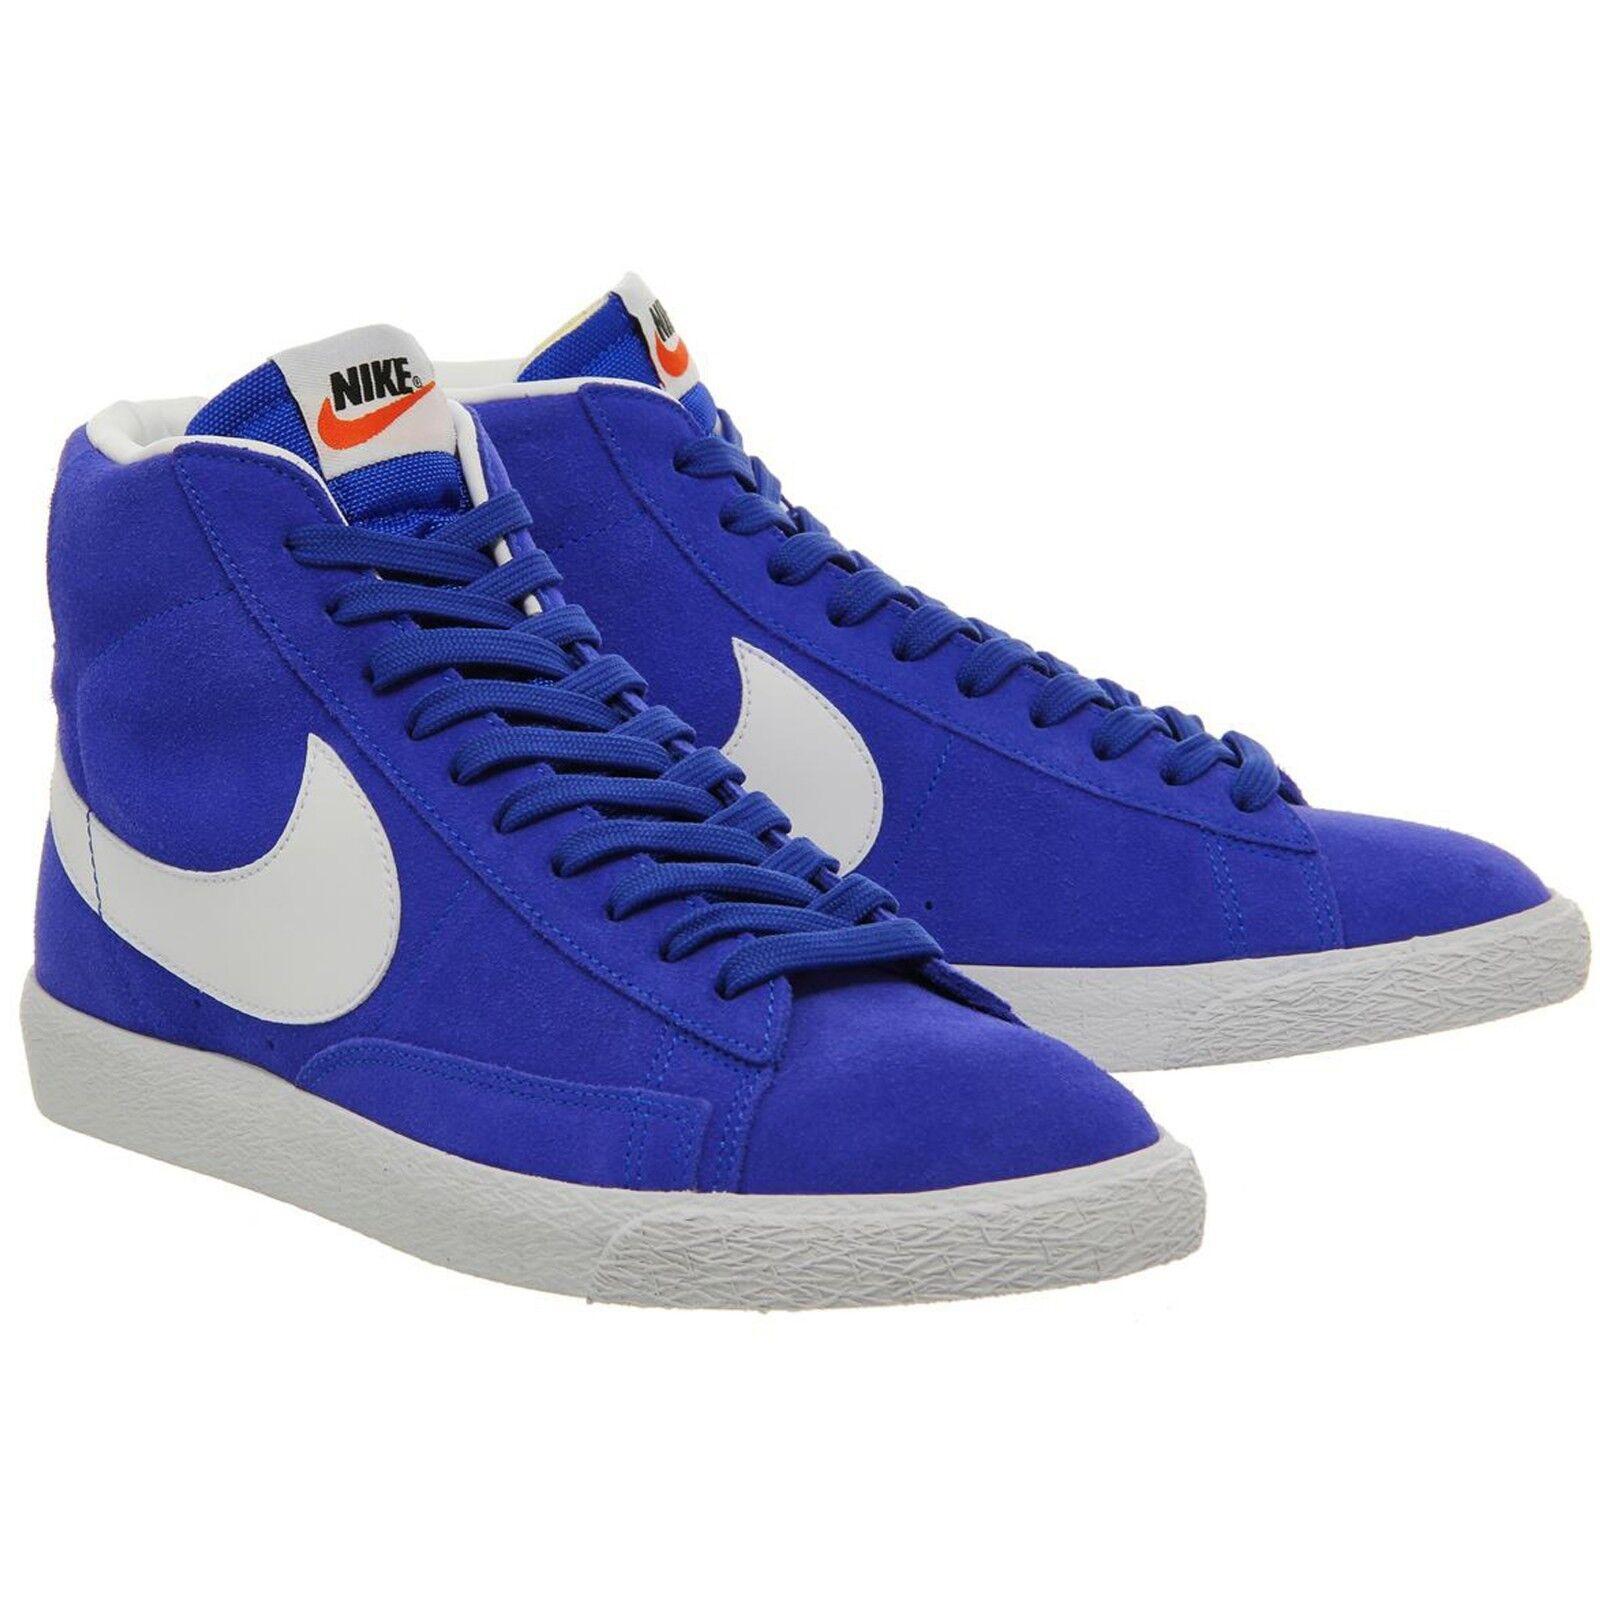 Nike Blazer Mid Premium Prm Racer Blau Weiß Gummi 429988-401 Skater Sb Wildleder Heißer verkauf